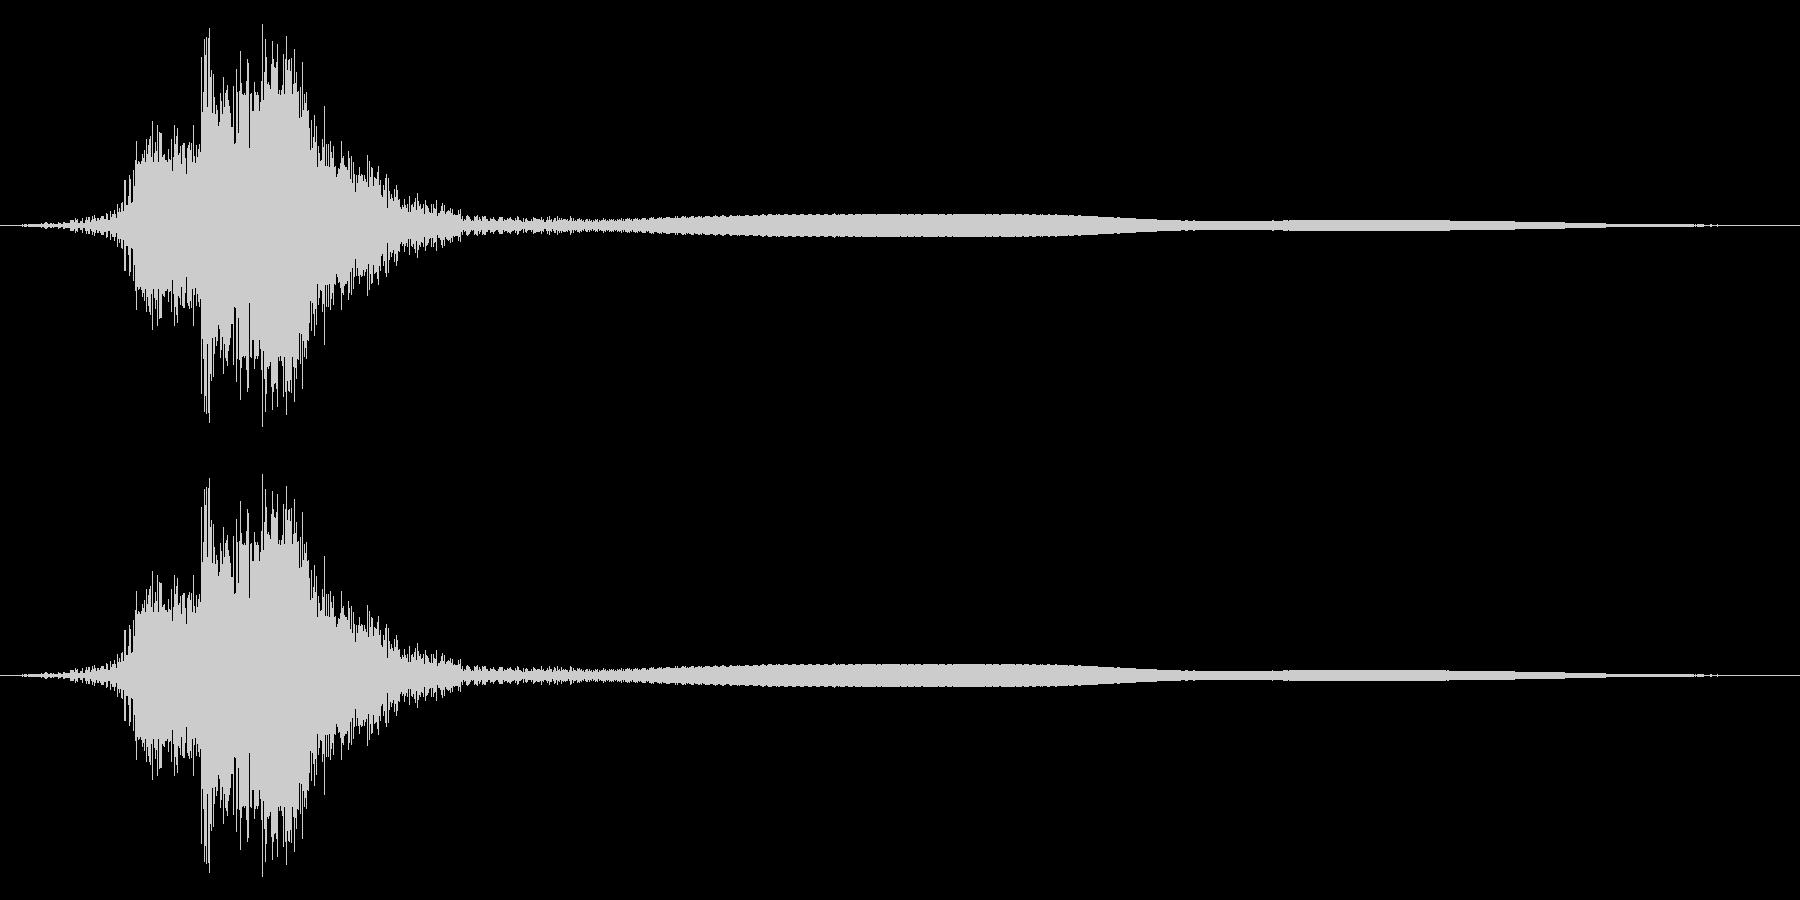 シャキーン!リアルな剣や刀の抜刀音28bの未再生の波形